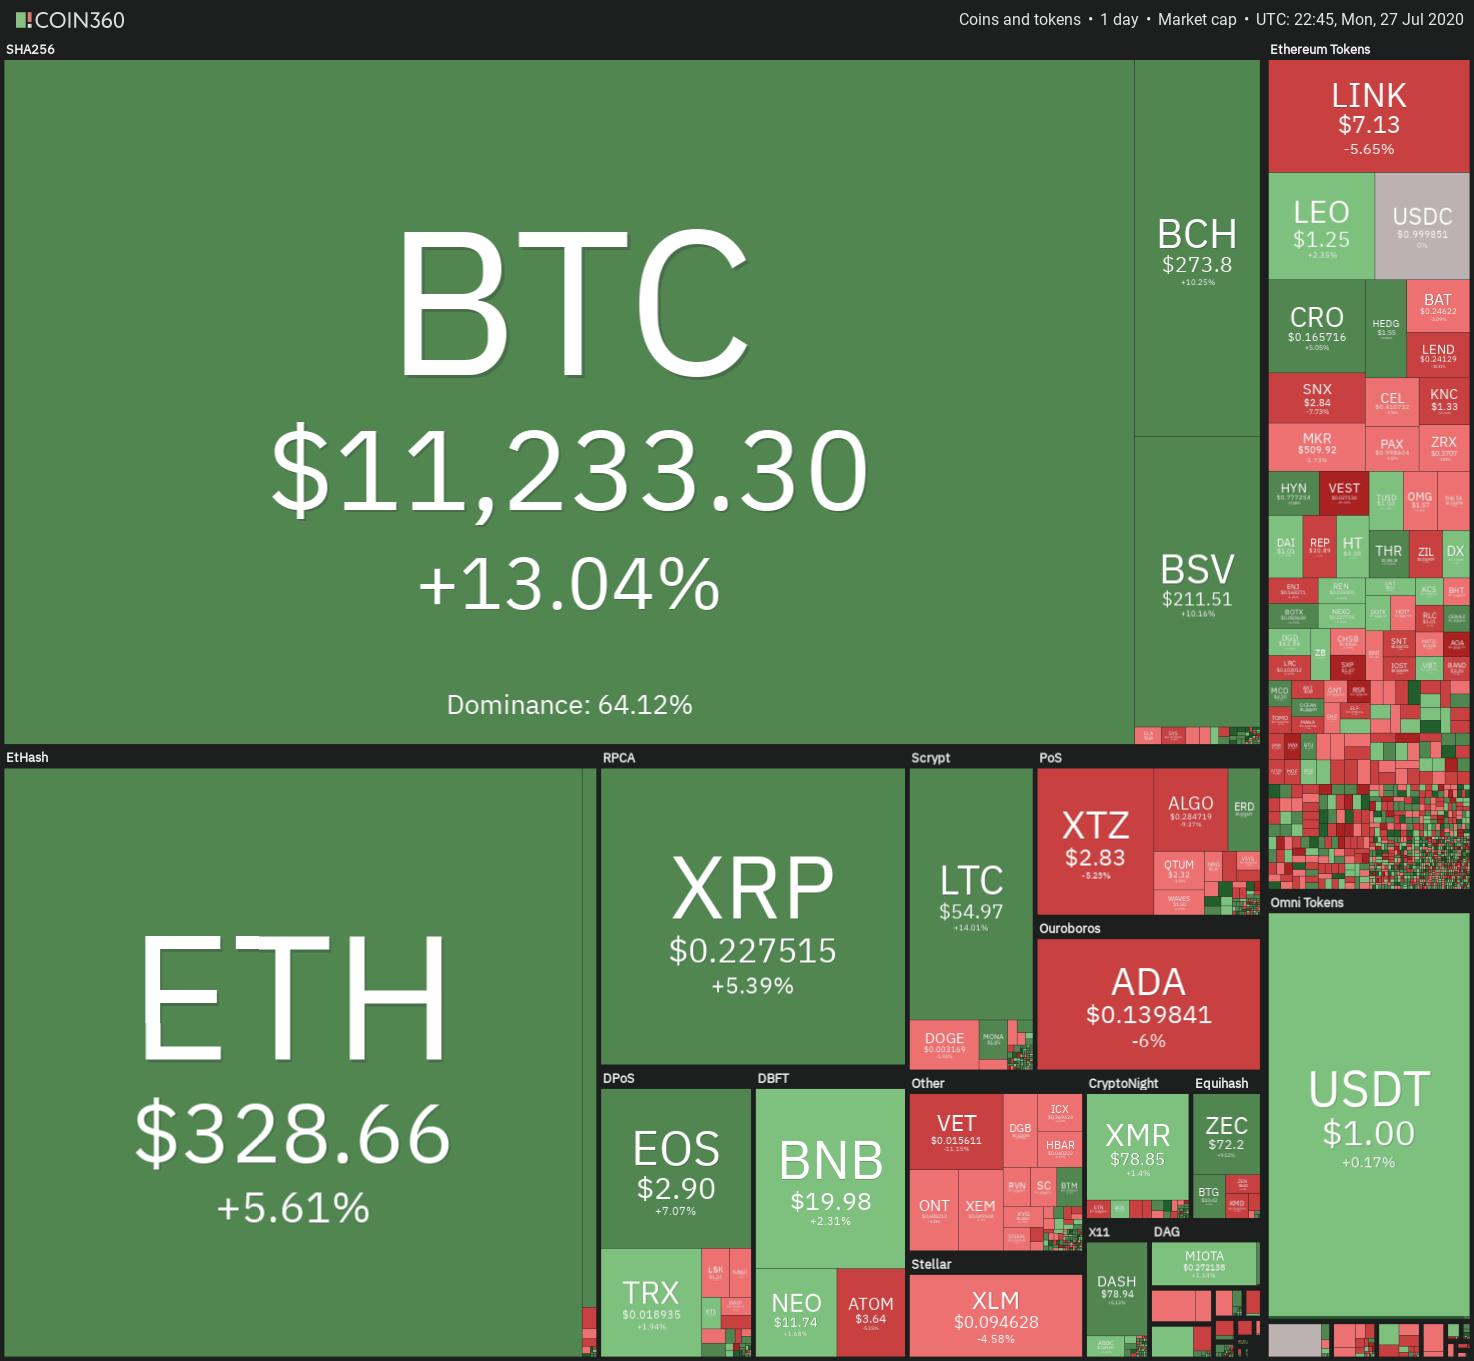 Bitcoin Price Rallies 13% to Break Through $11,000